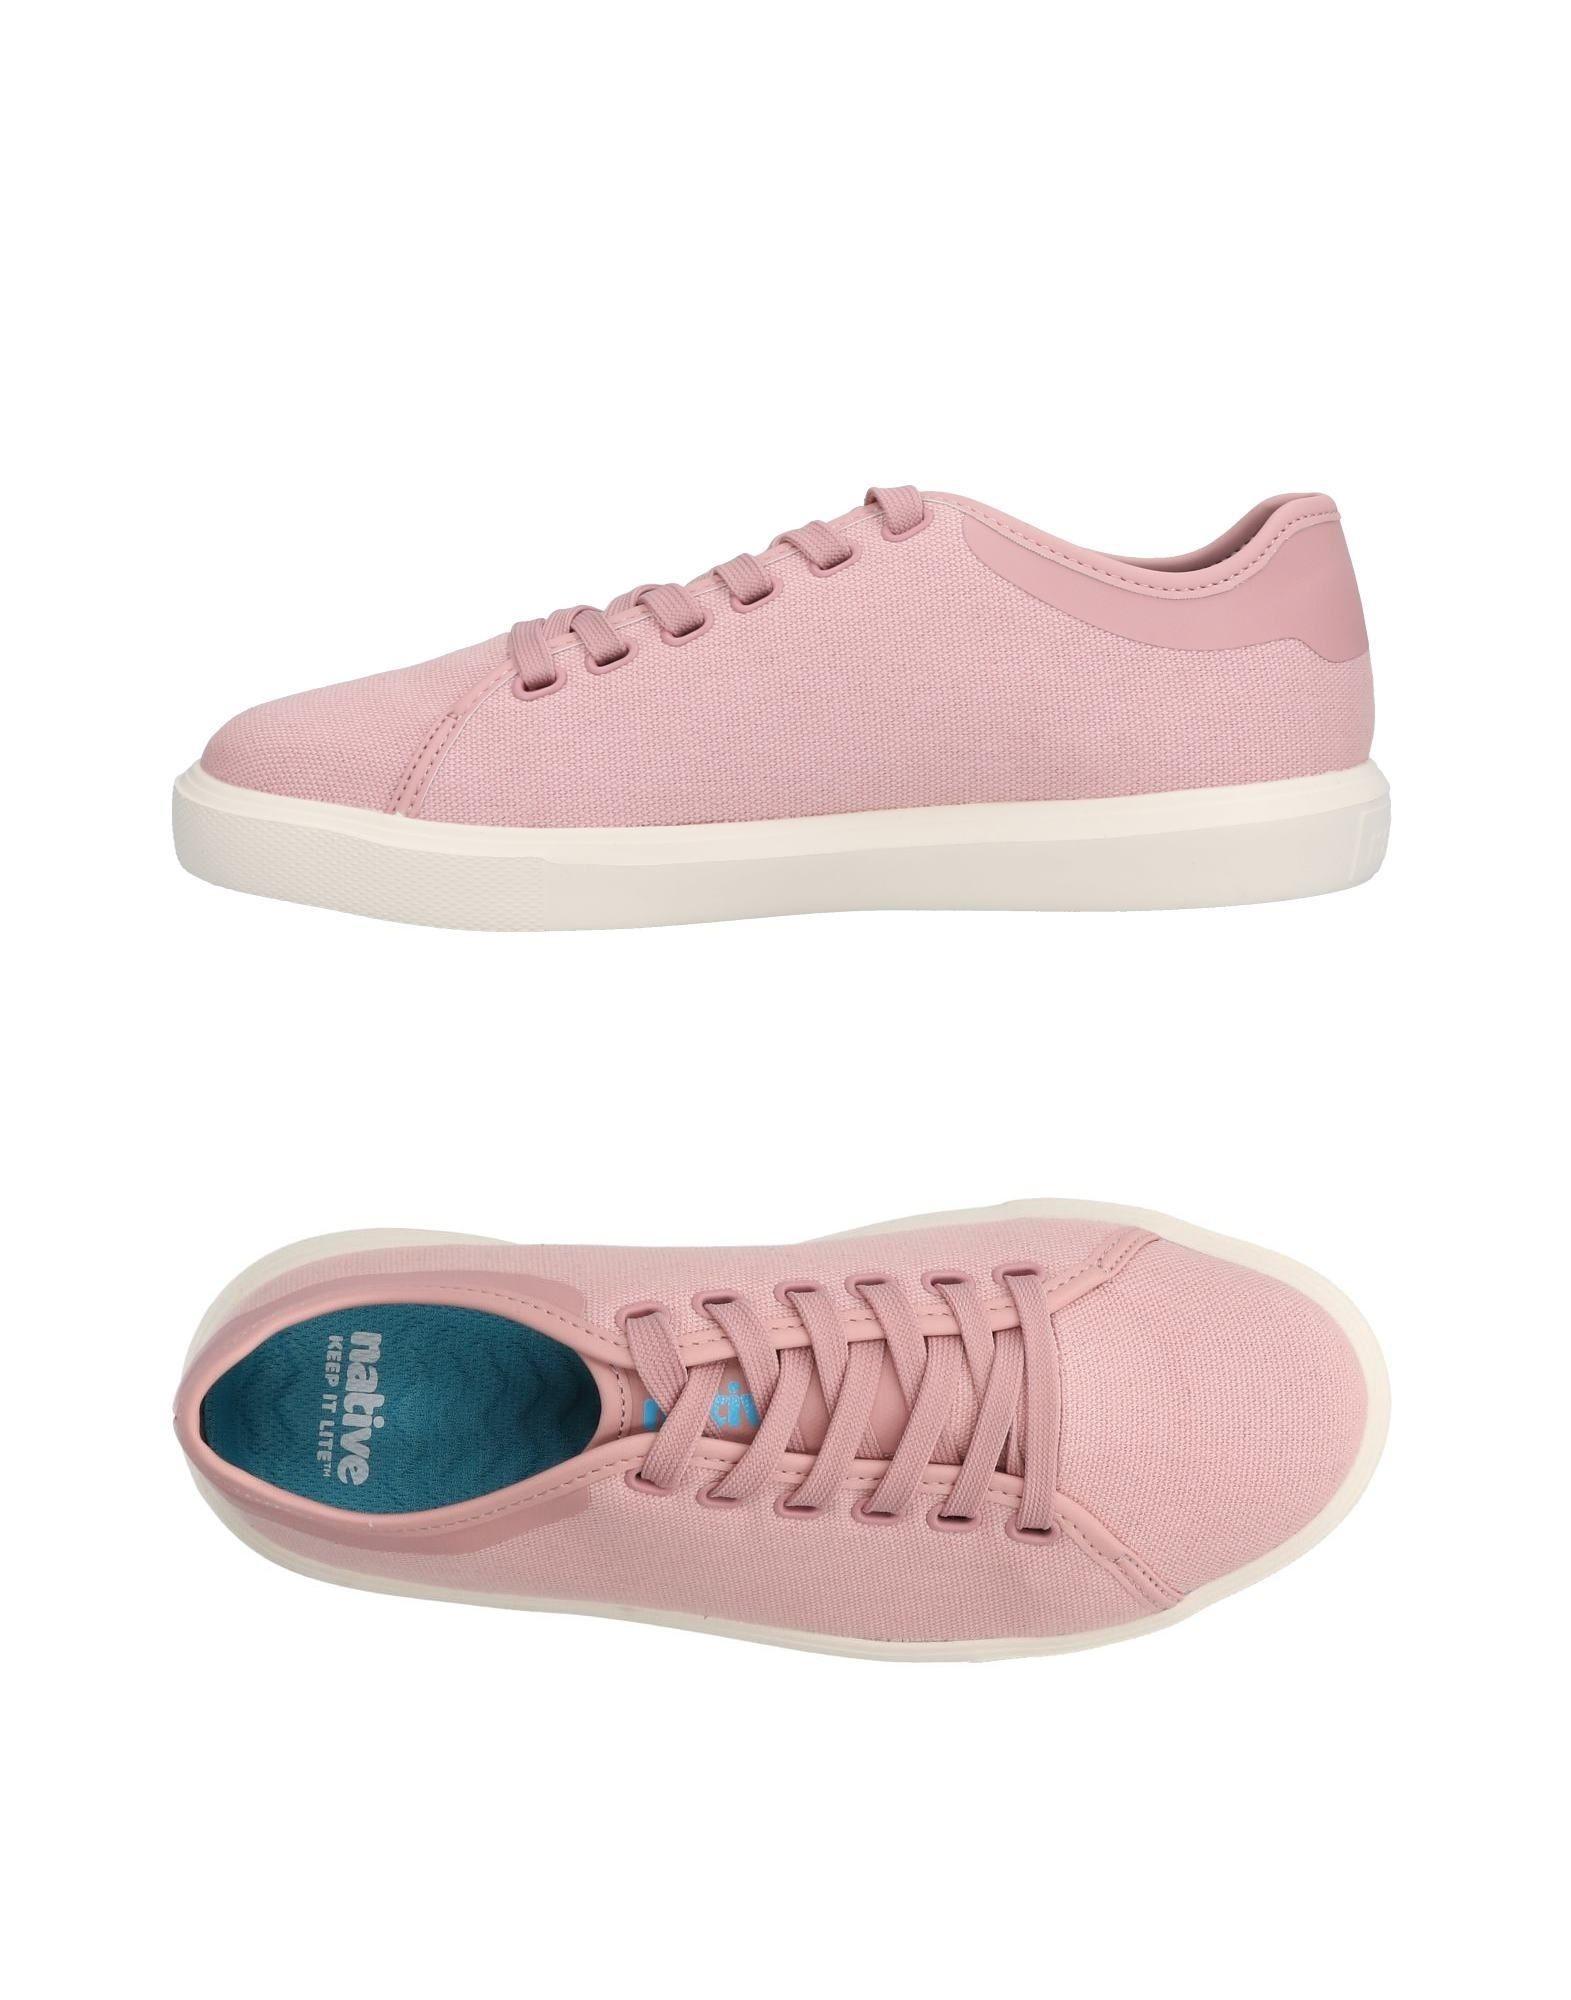 Baskets Native Femme - Baskets Native Rose Nouvelles chaussures pour hommes et femmes, remise limitée dans le temps